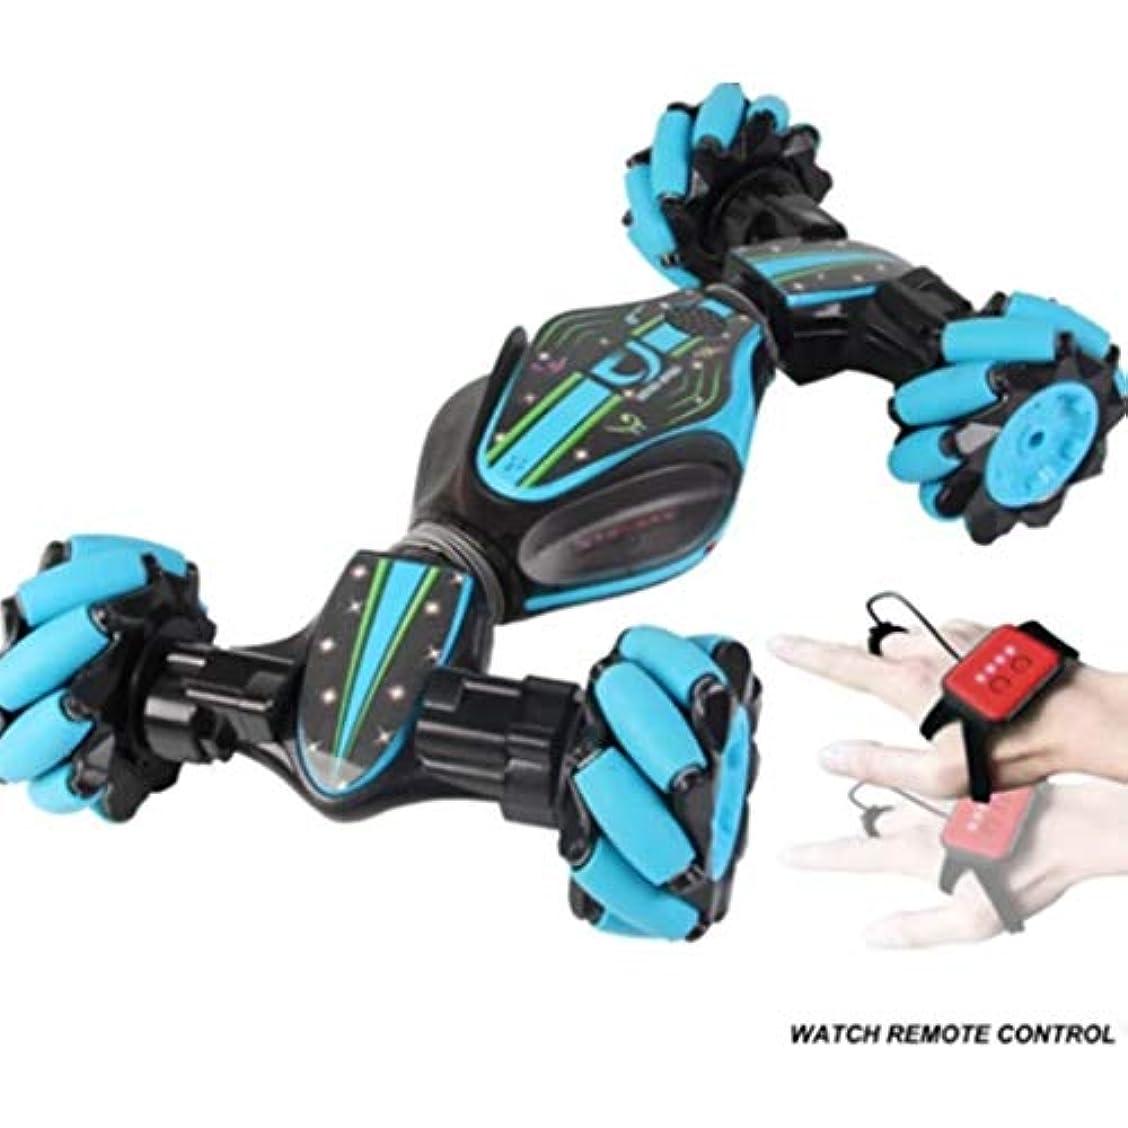 秋ジョブユニークなスタントRCカー、ZOOZEリモートコントロールスタントカーツイストカー2.4Gスタントジェスチャー誘導ツイストオフロード車両ライトミュージックドリフトトラバースリモートコントロールダンスサイドドライビング玩具ギフト